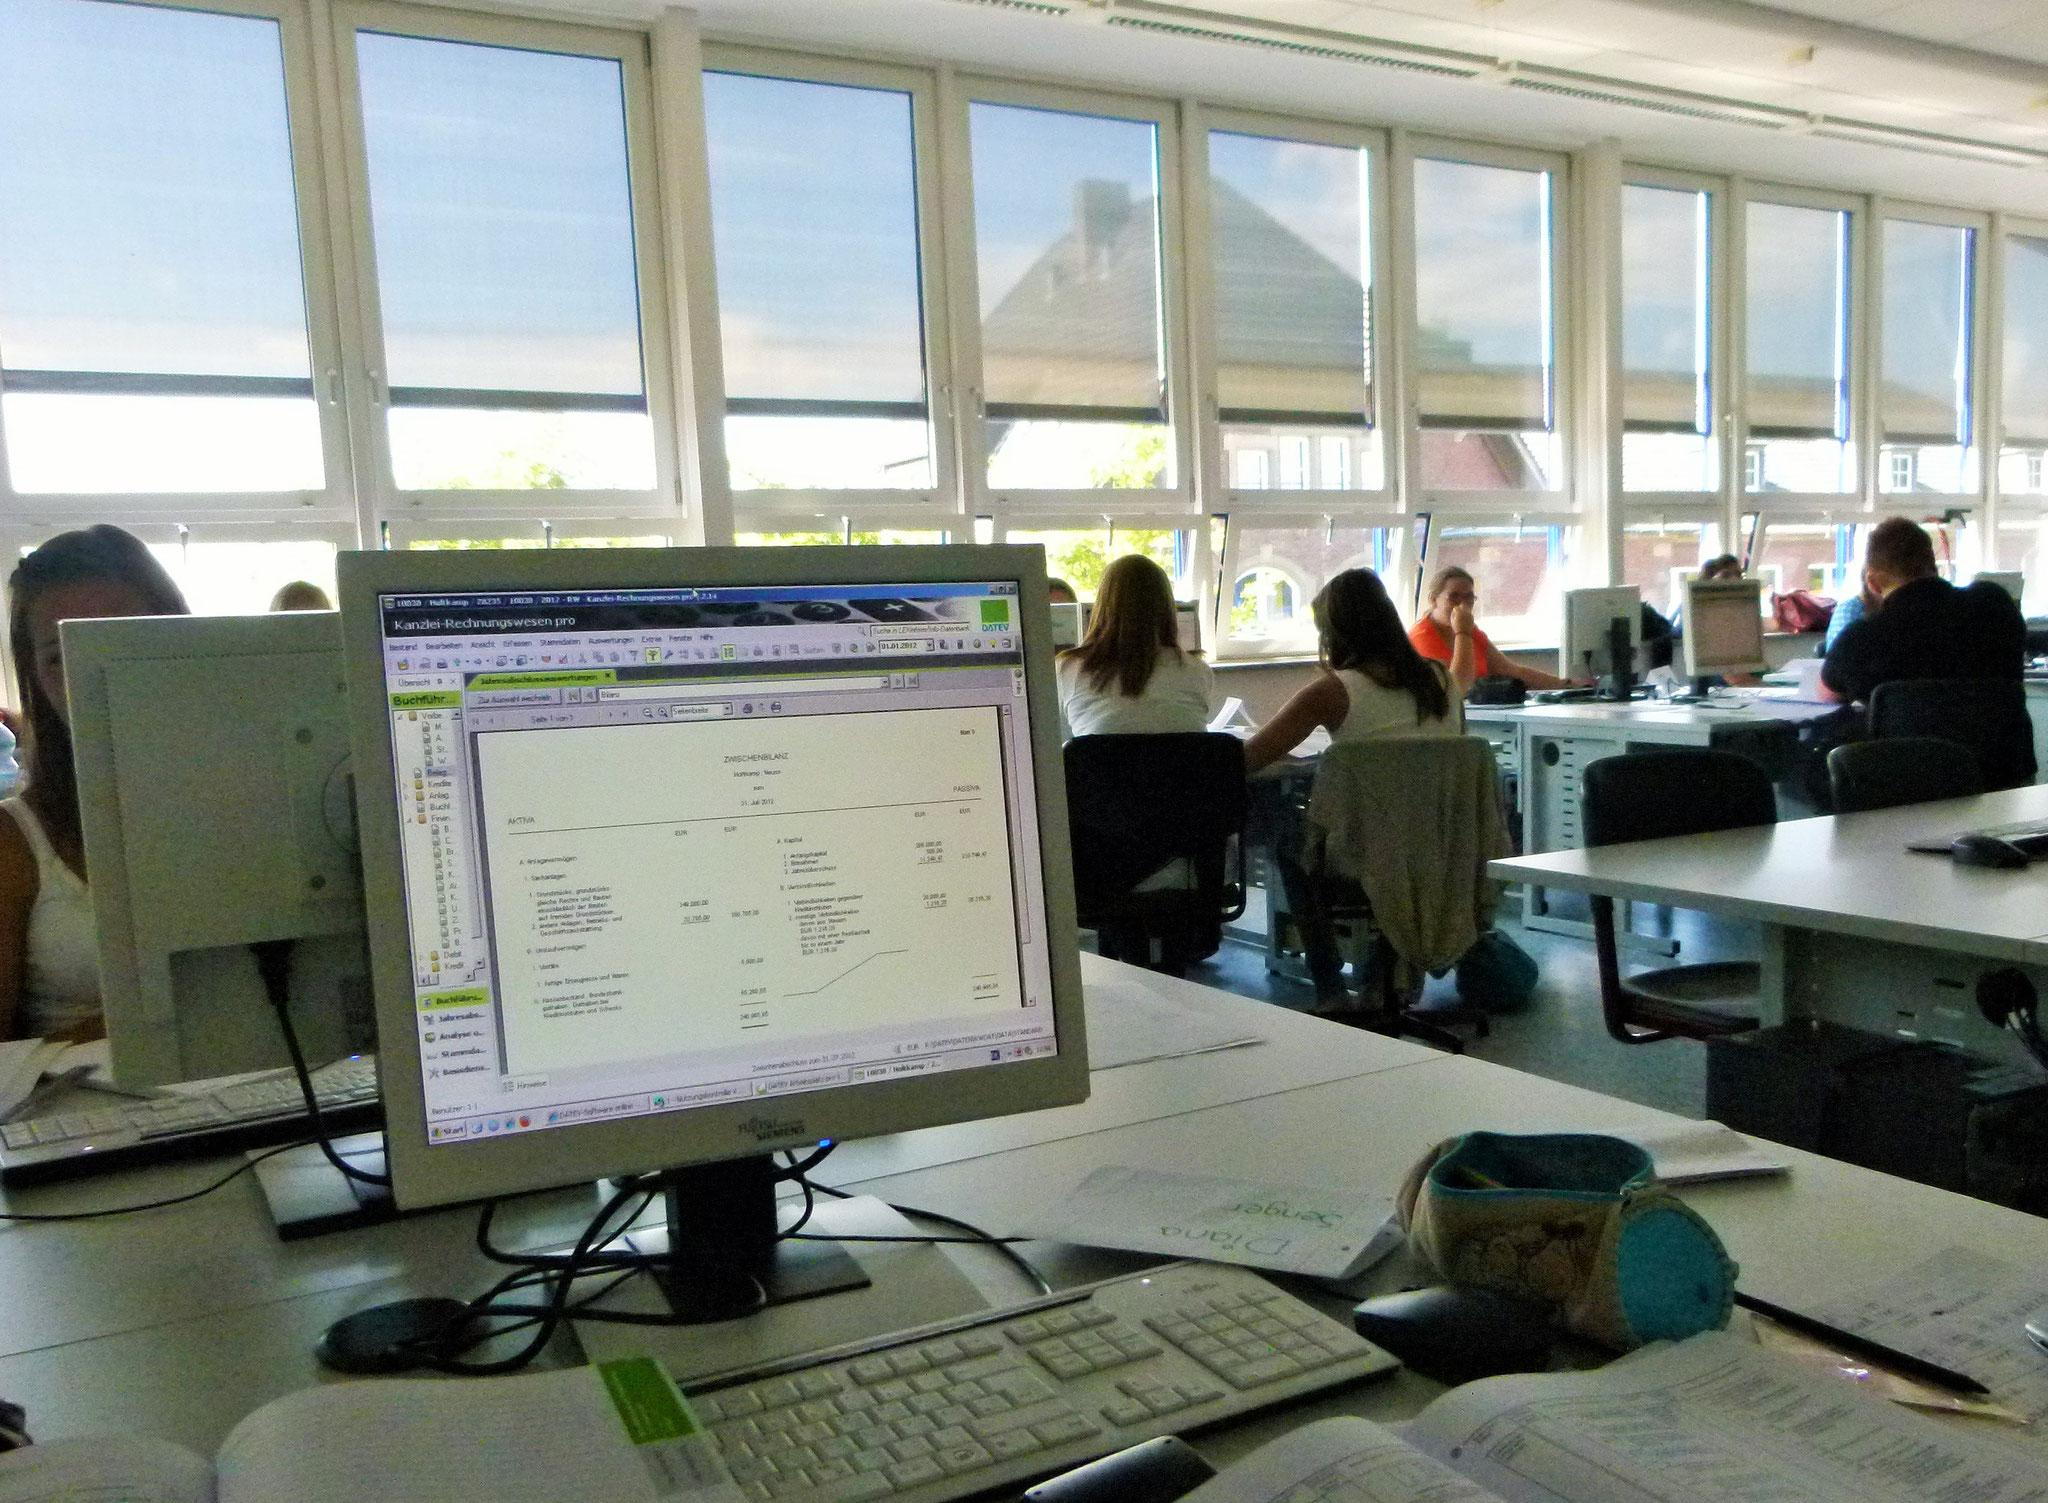 Moderene Ausstattung mit 24 PC-Räumen; alle Schülerinnen und Schüler erhalten einen kostenlosen Office 365 Zugang für die Zeit ihres Schulbesuchs und können den staatlichen EDV-Führerschein NRW erwerben